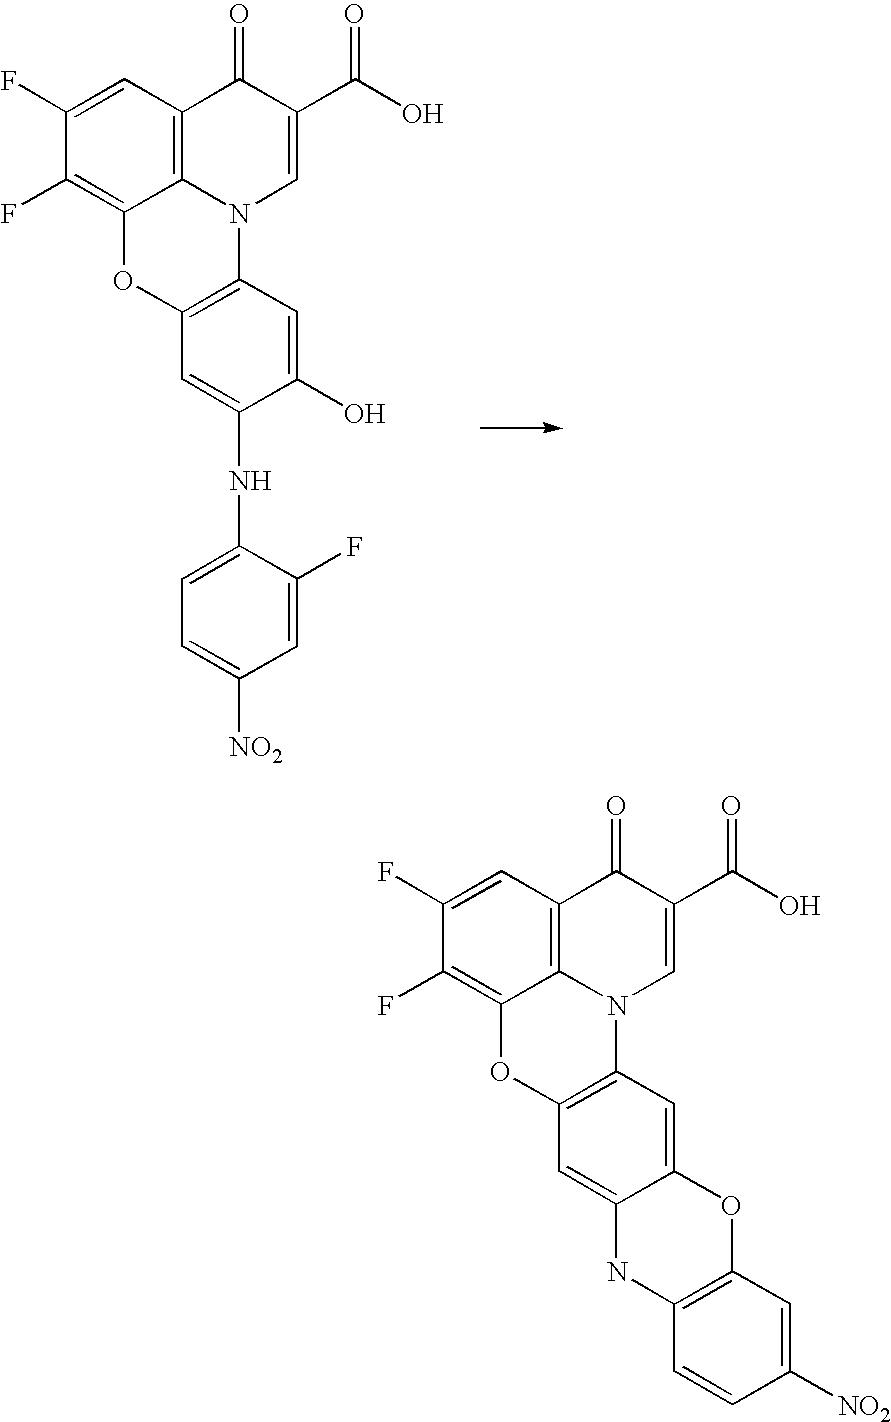 Figure US07326702-20080205-C00066